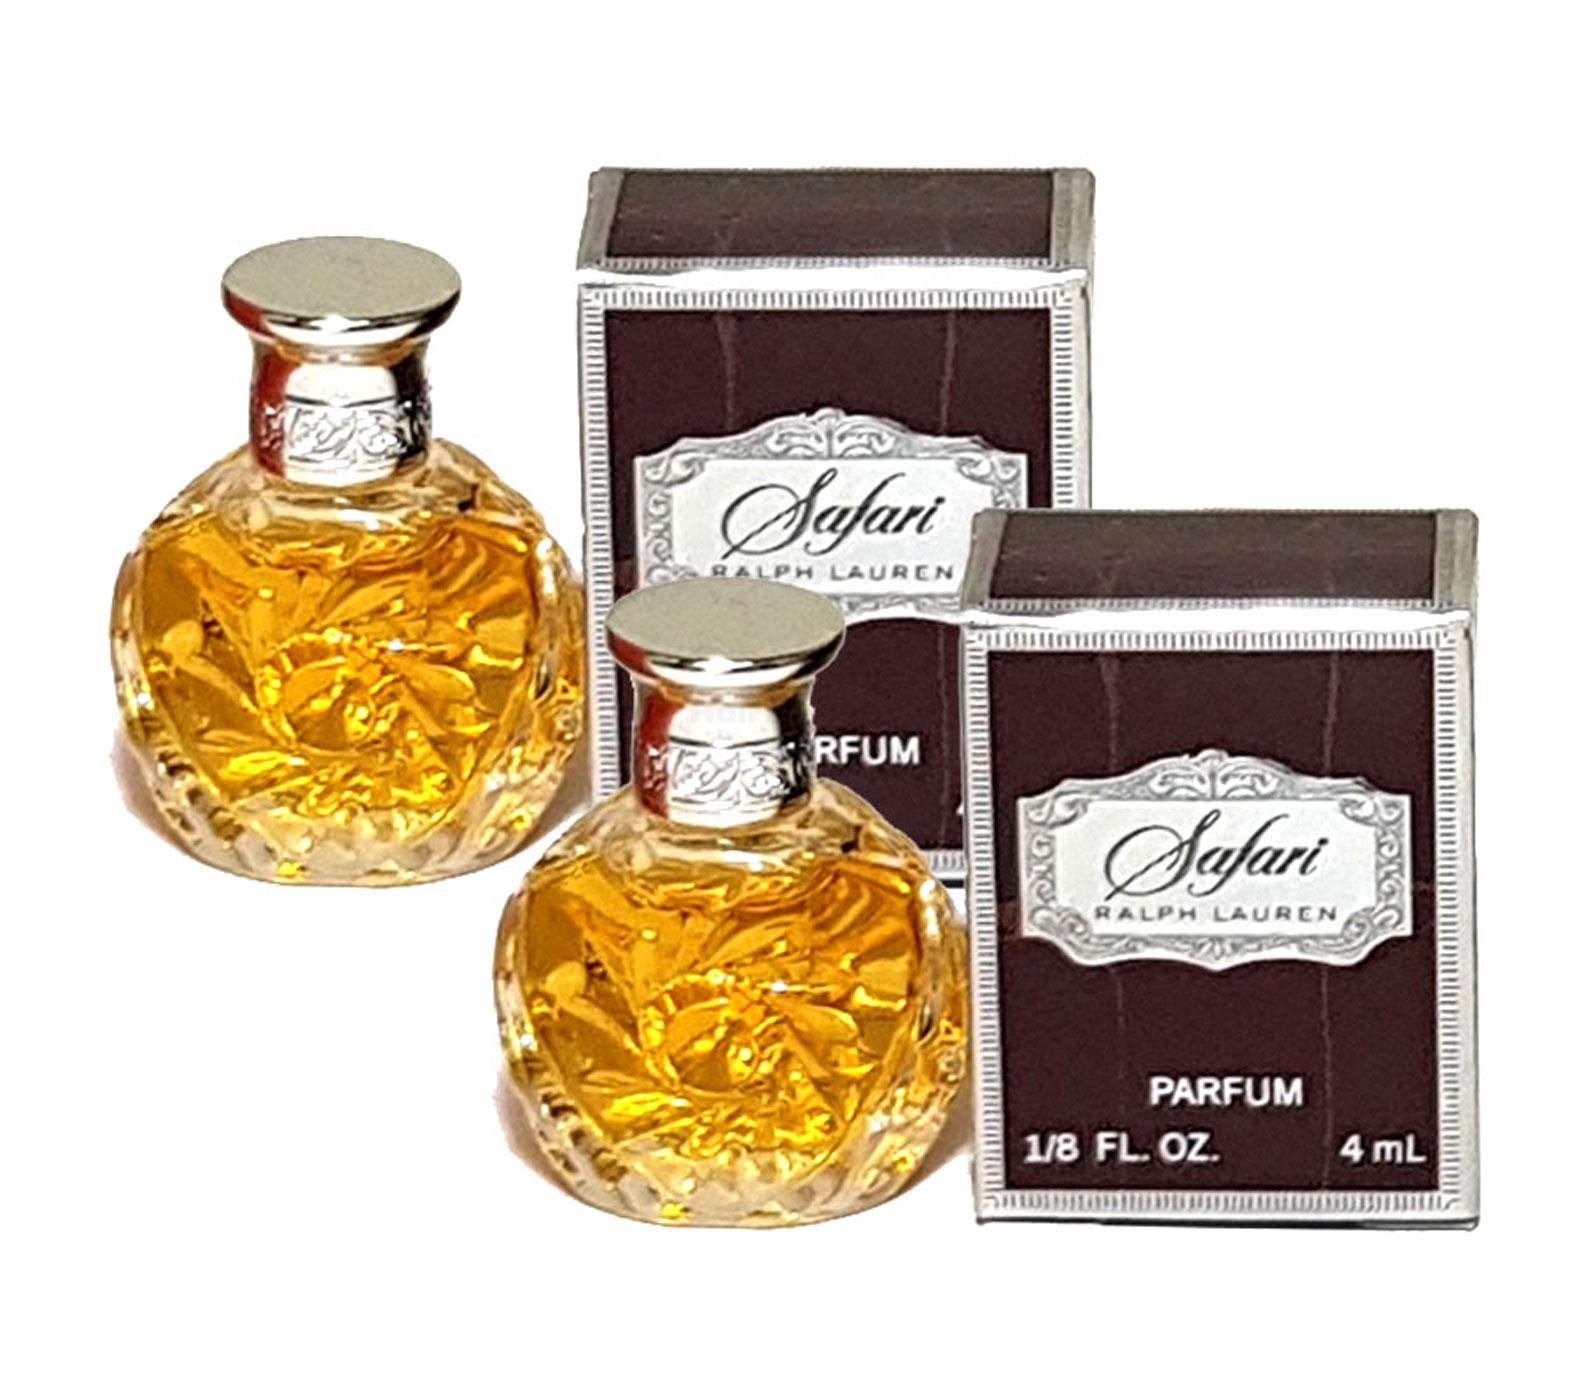 Ralph Lauren Parfum Miniaturen 2er Set - Ralph Lauren Safari Eau de Parfum 2x4ml = 8ml